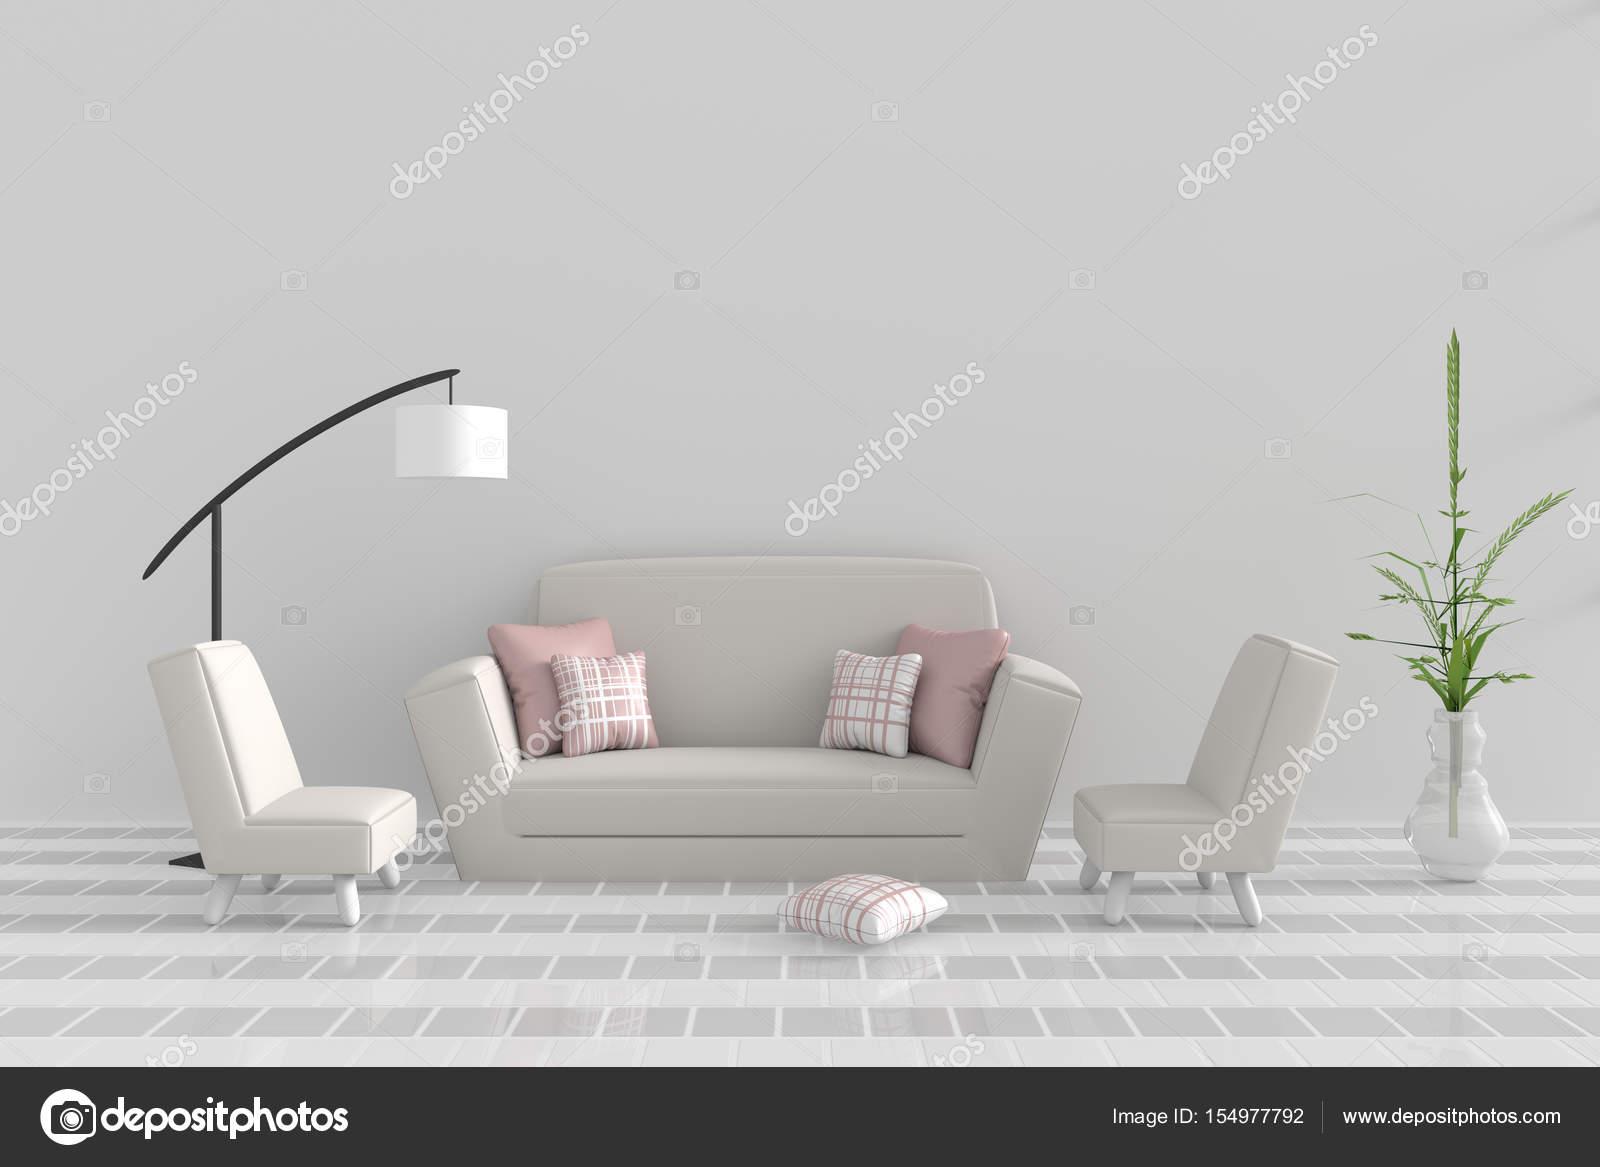 Wohnzimmer In Verwöhntag. Dekor Mit Sofa, Zwei Sessel, Rosa Weißen Kissen,  Weiße Lampe, Baum In Vase, Raster Zement Wand Und Fliesen Boden.